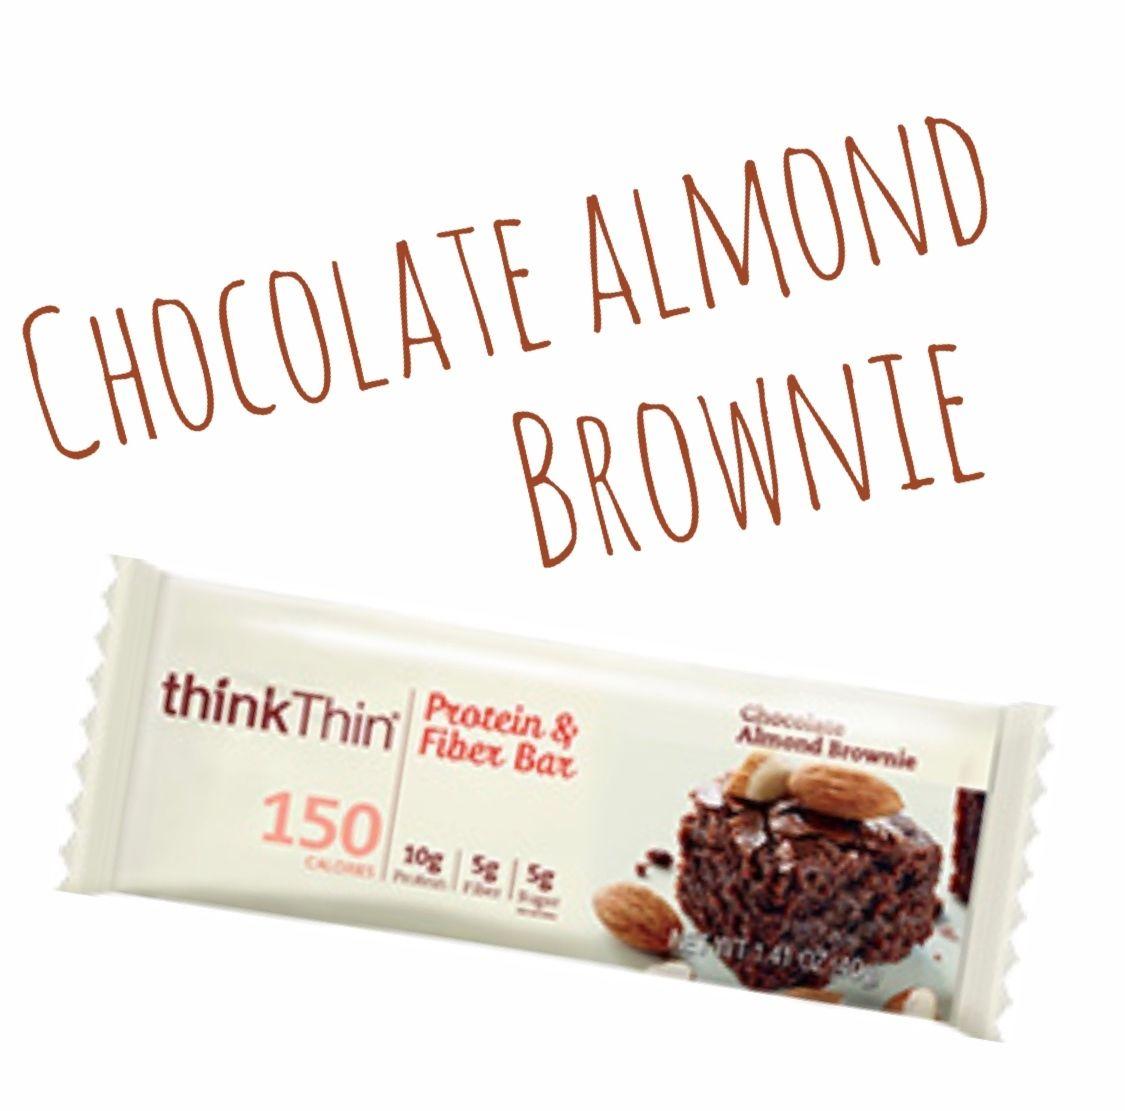 thinkThin プロテインバー チョコレートアーモンドブラウニー味